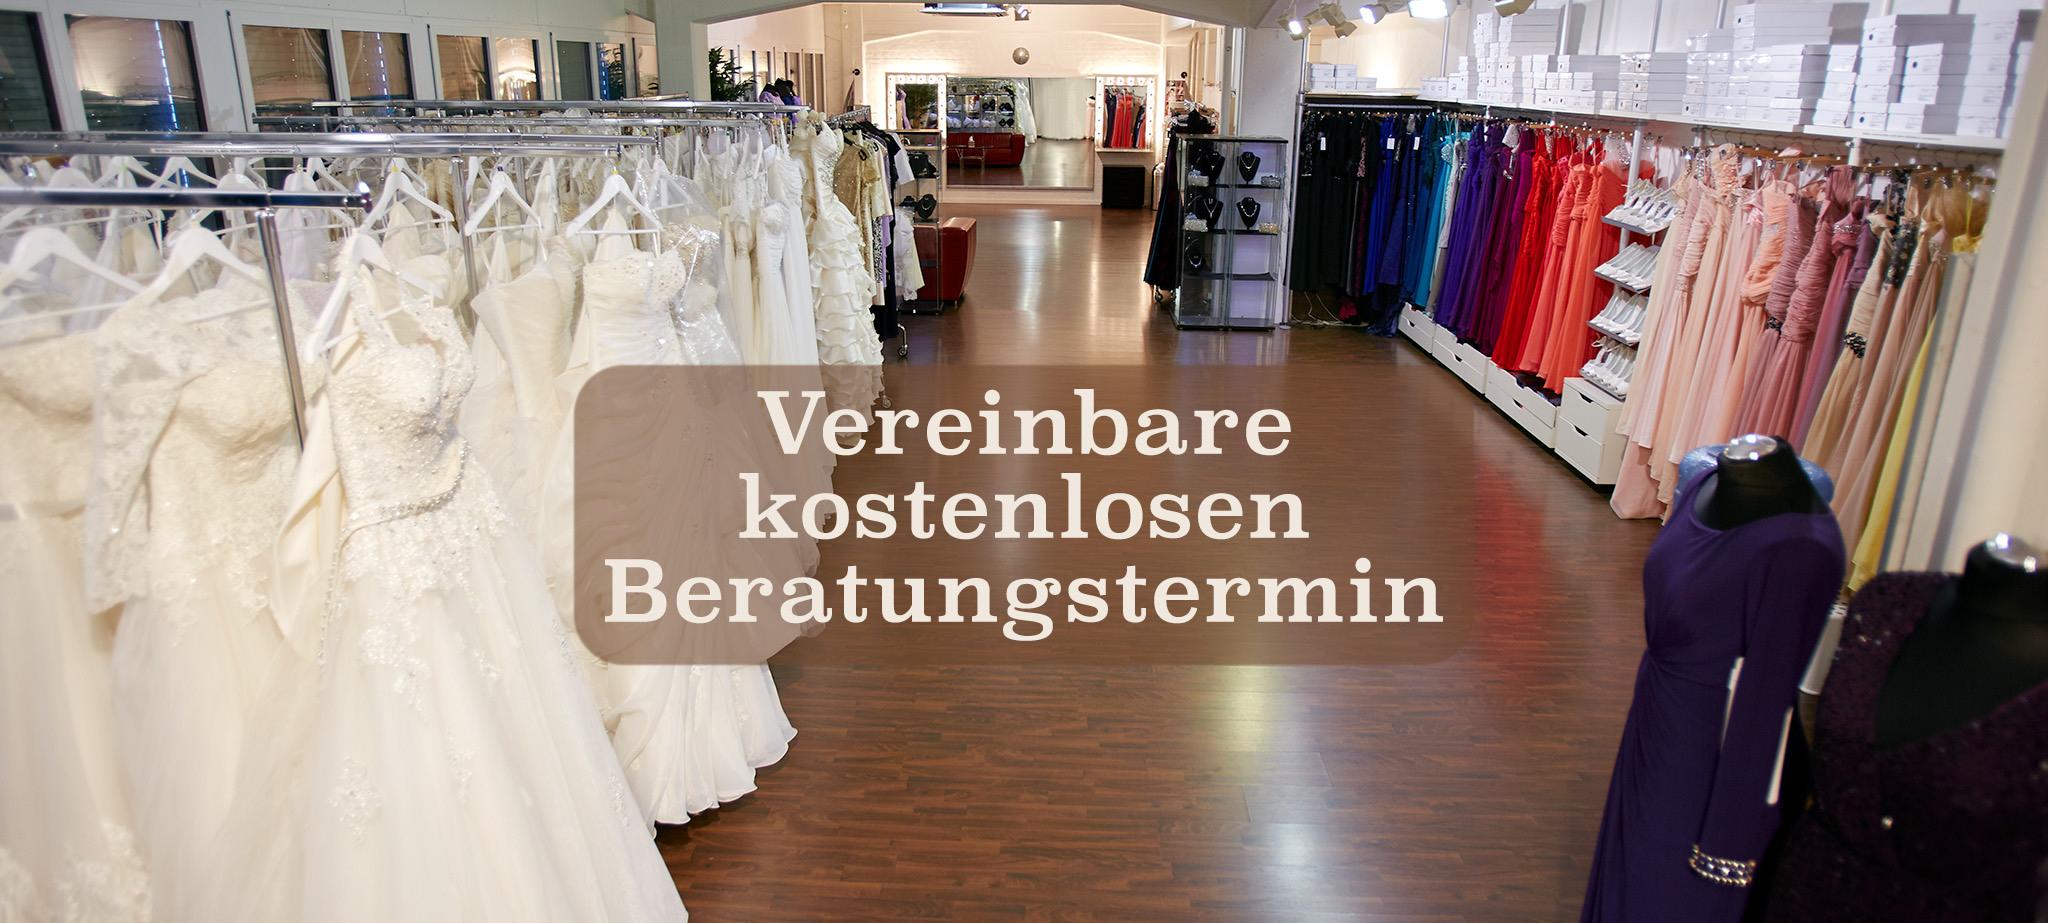 Erstaunlich Abendkleider Zürich Sihlcity VertriebAbend Erstaunlich Abendkleider Zürich Sihlcity Boutique